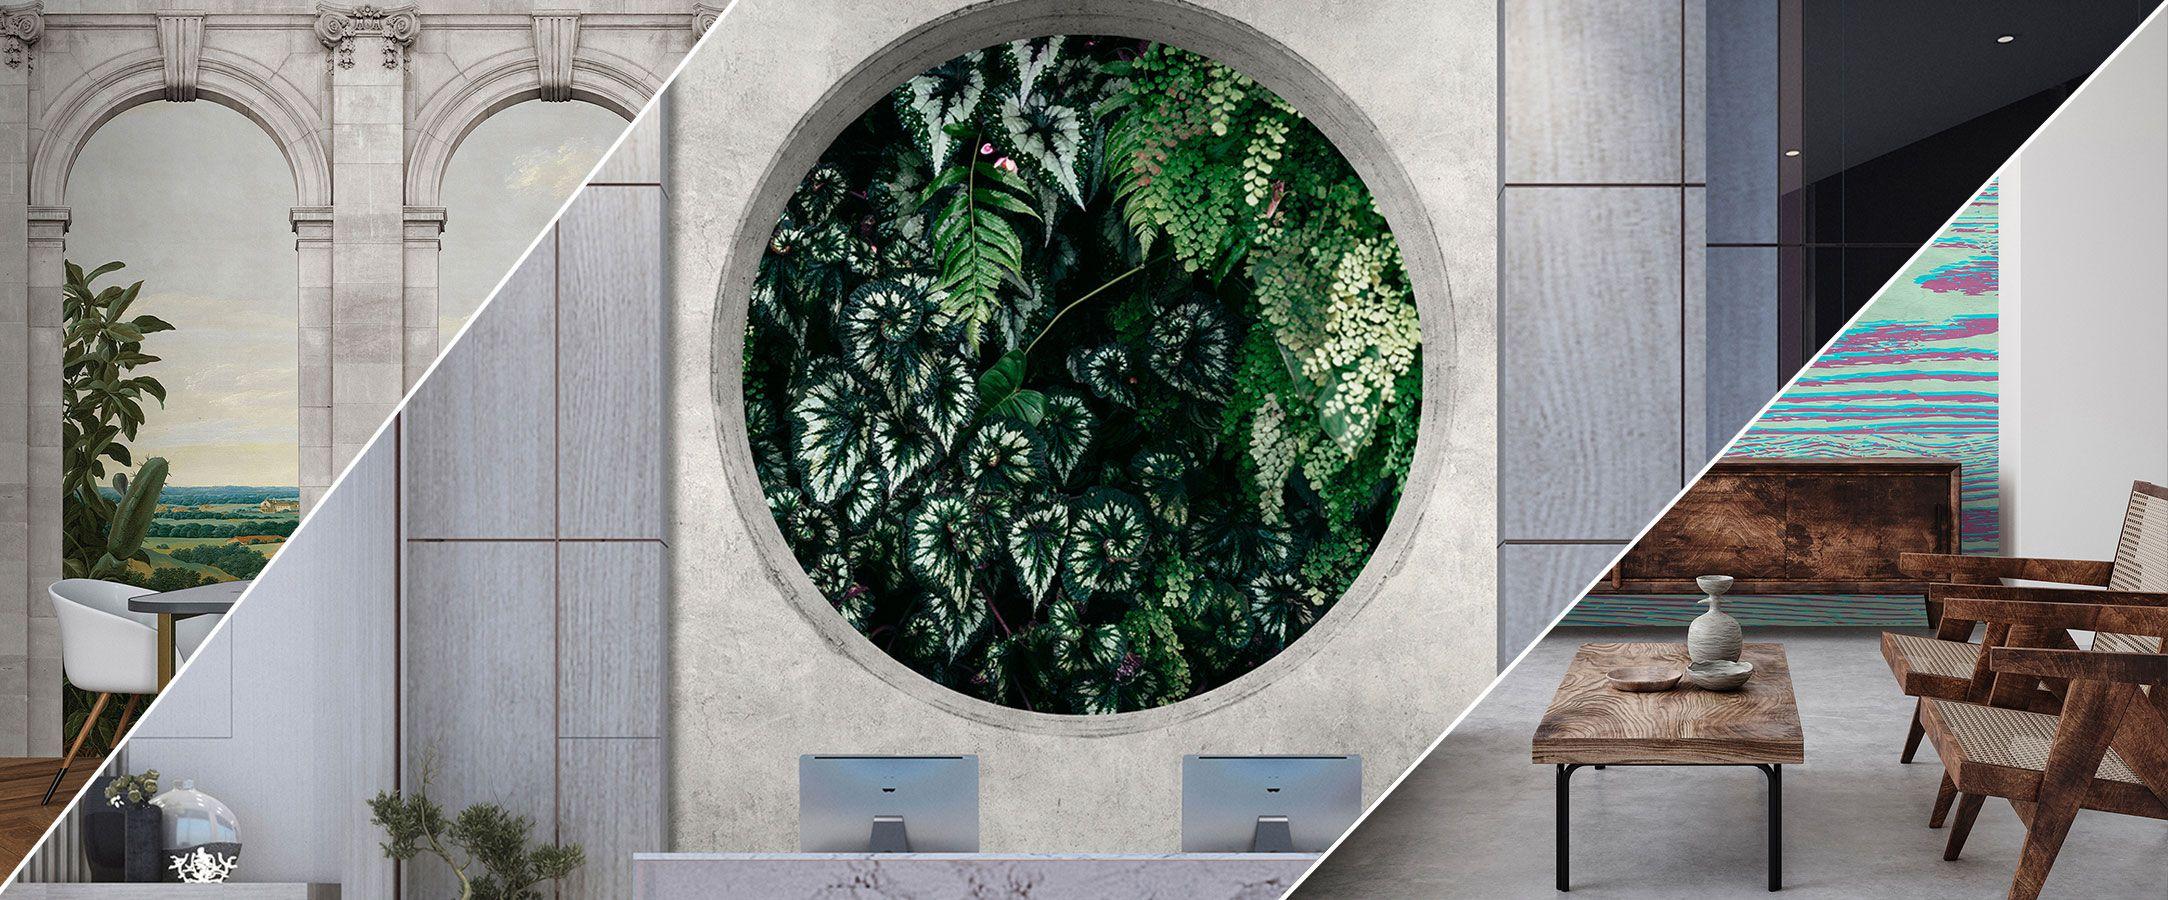 3D Fototapeten realistische Motive für Räume